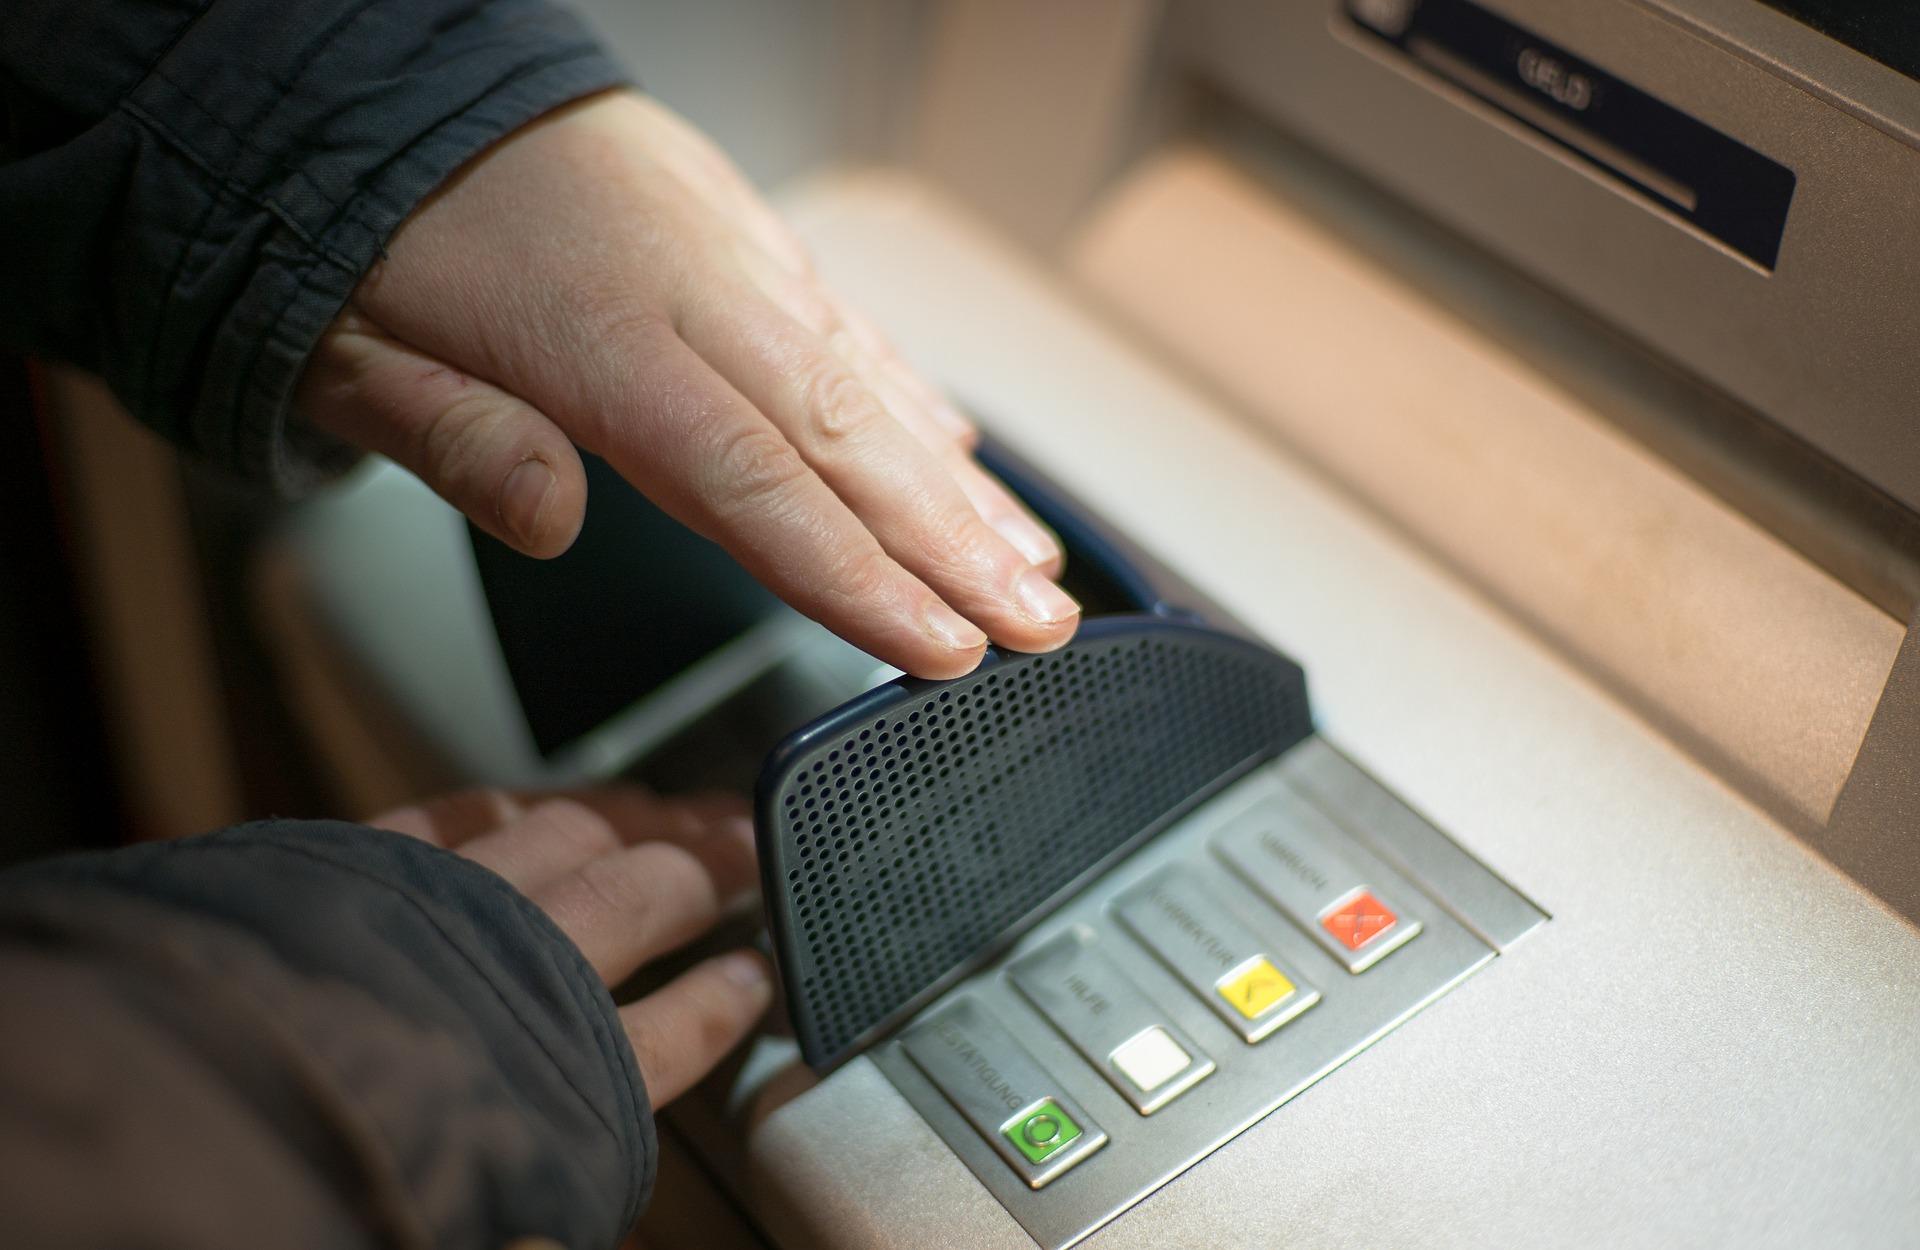 wypłacanie pieniędzy z bankomatu